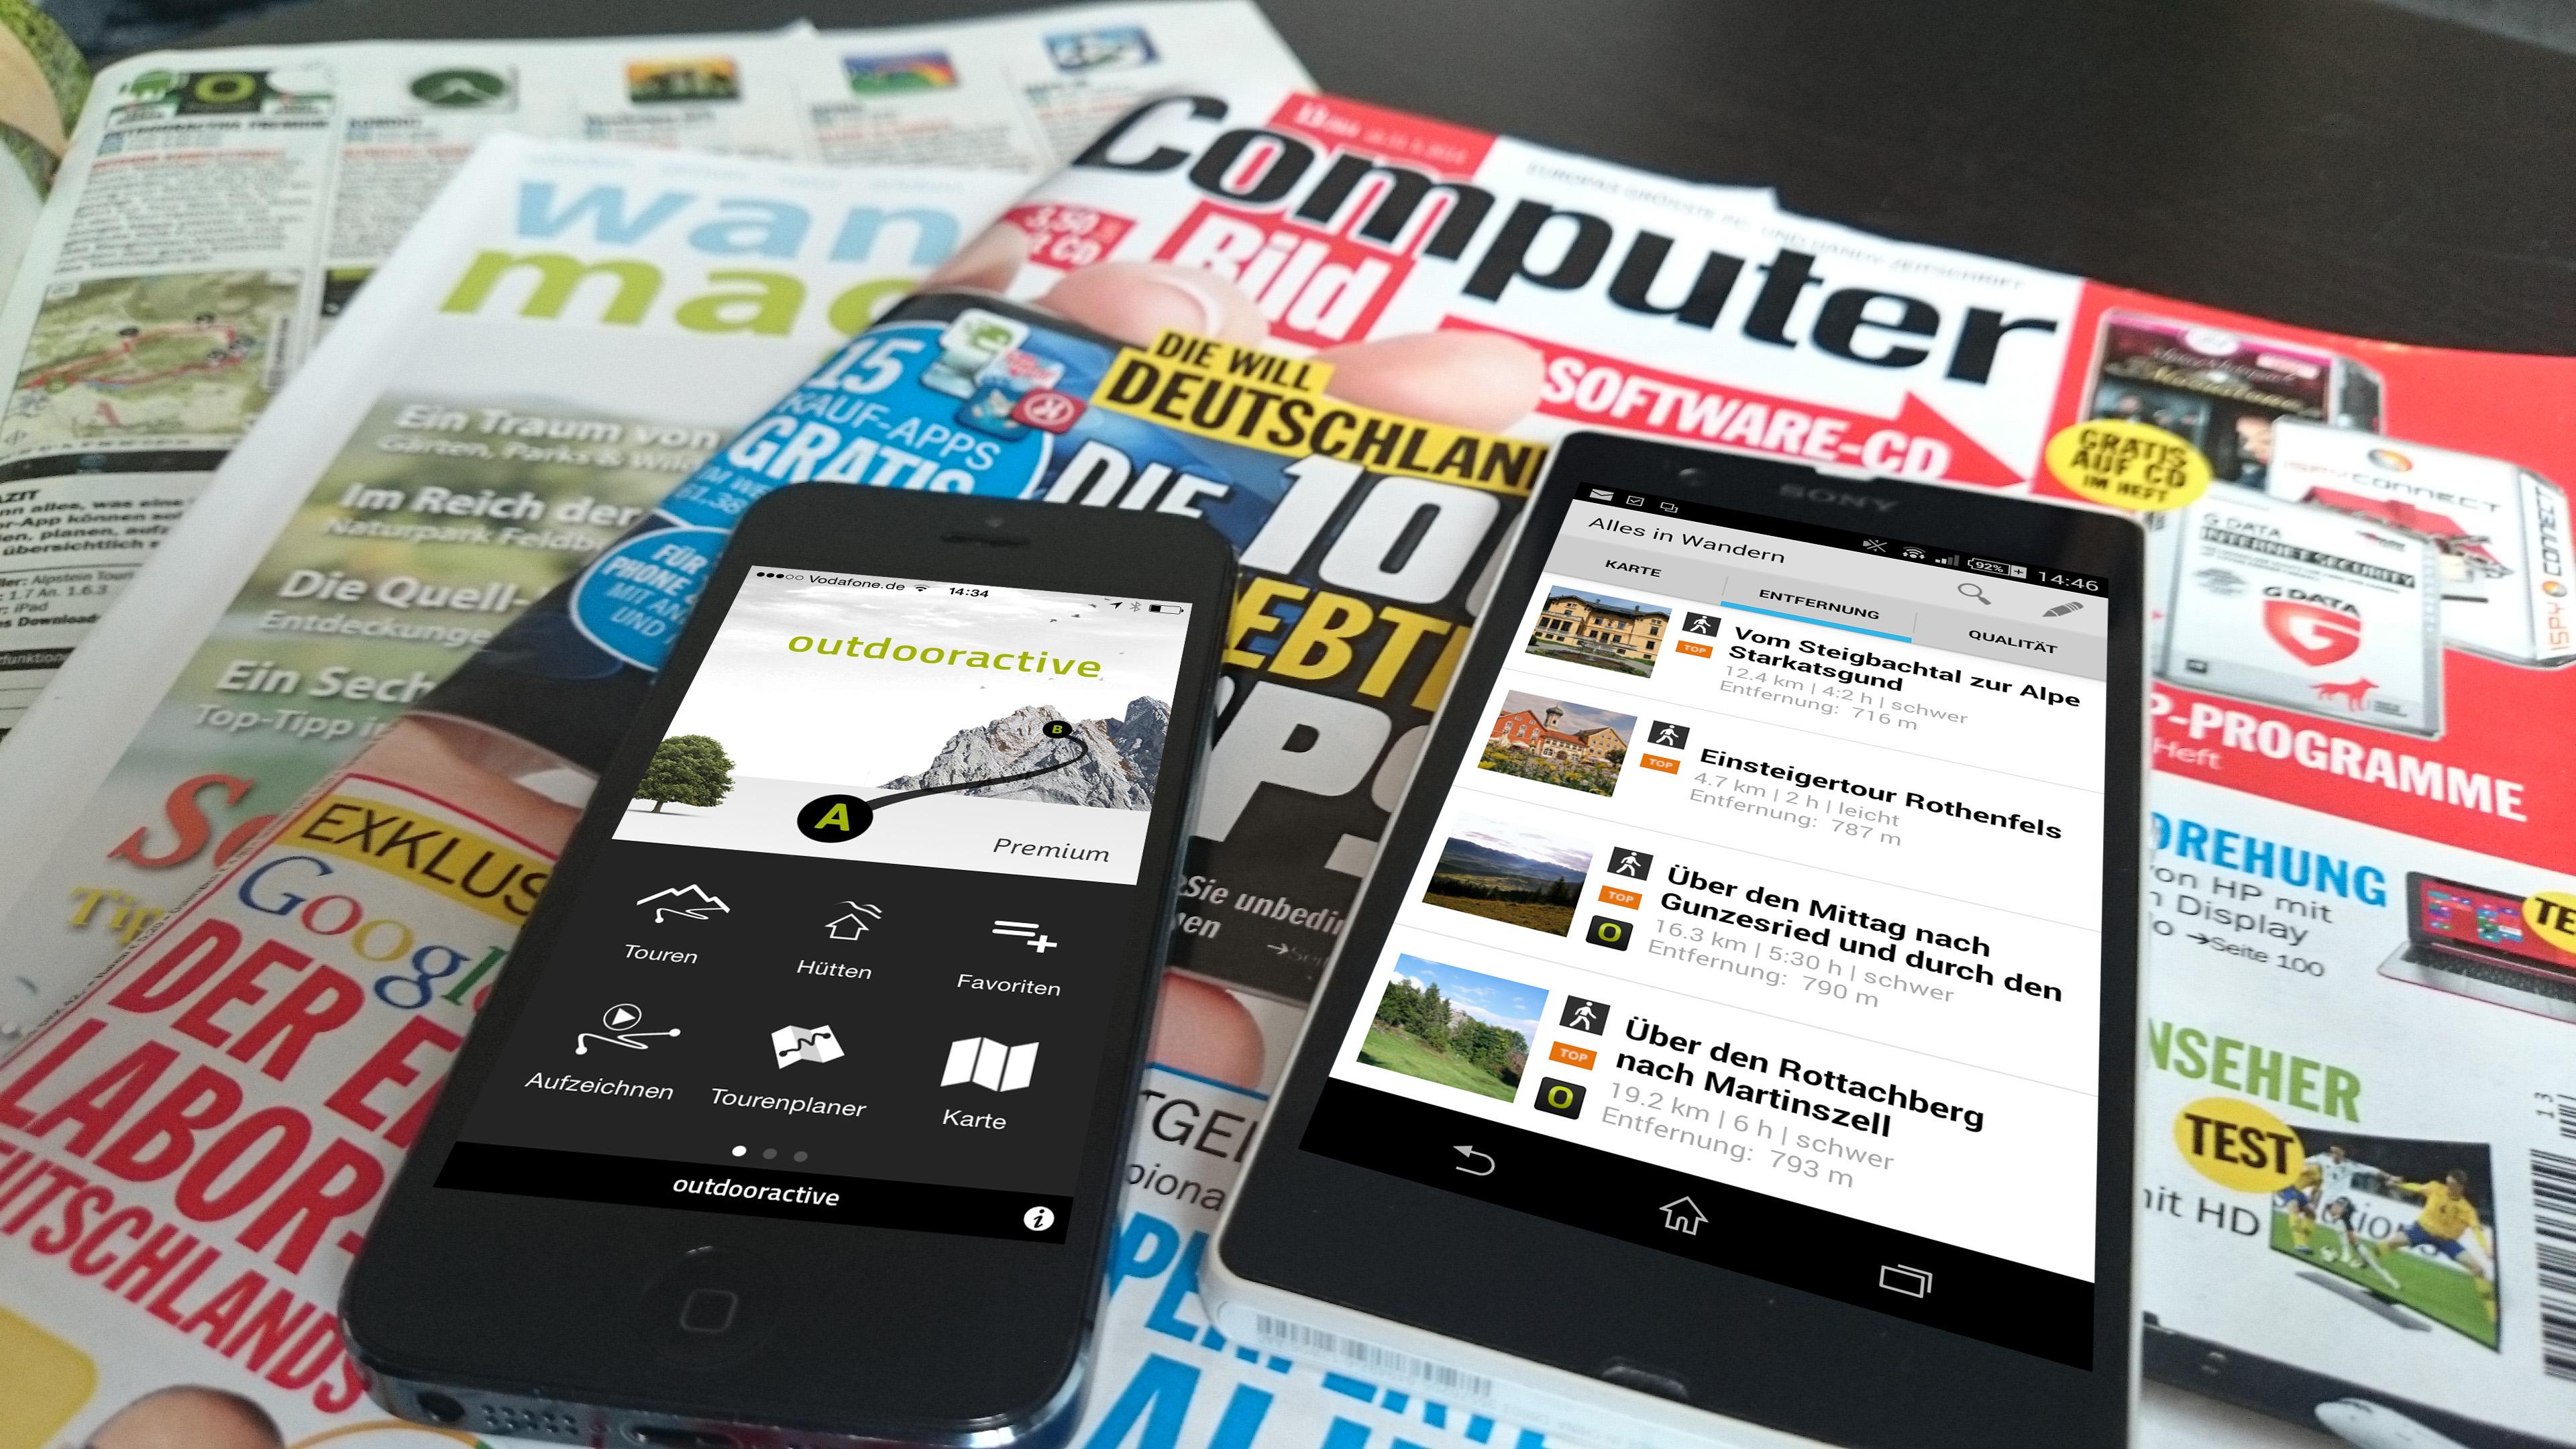 Platz 1 für unsere Outdooractive App bei COMPUTER BILD